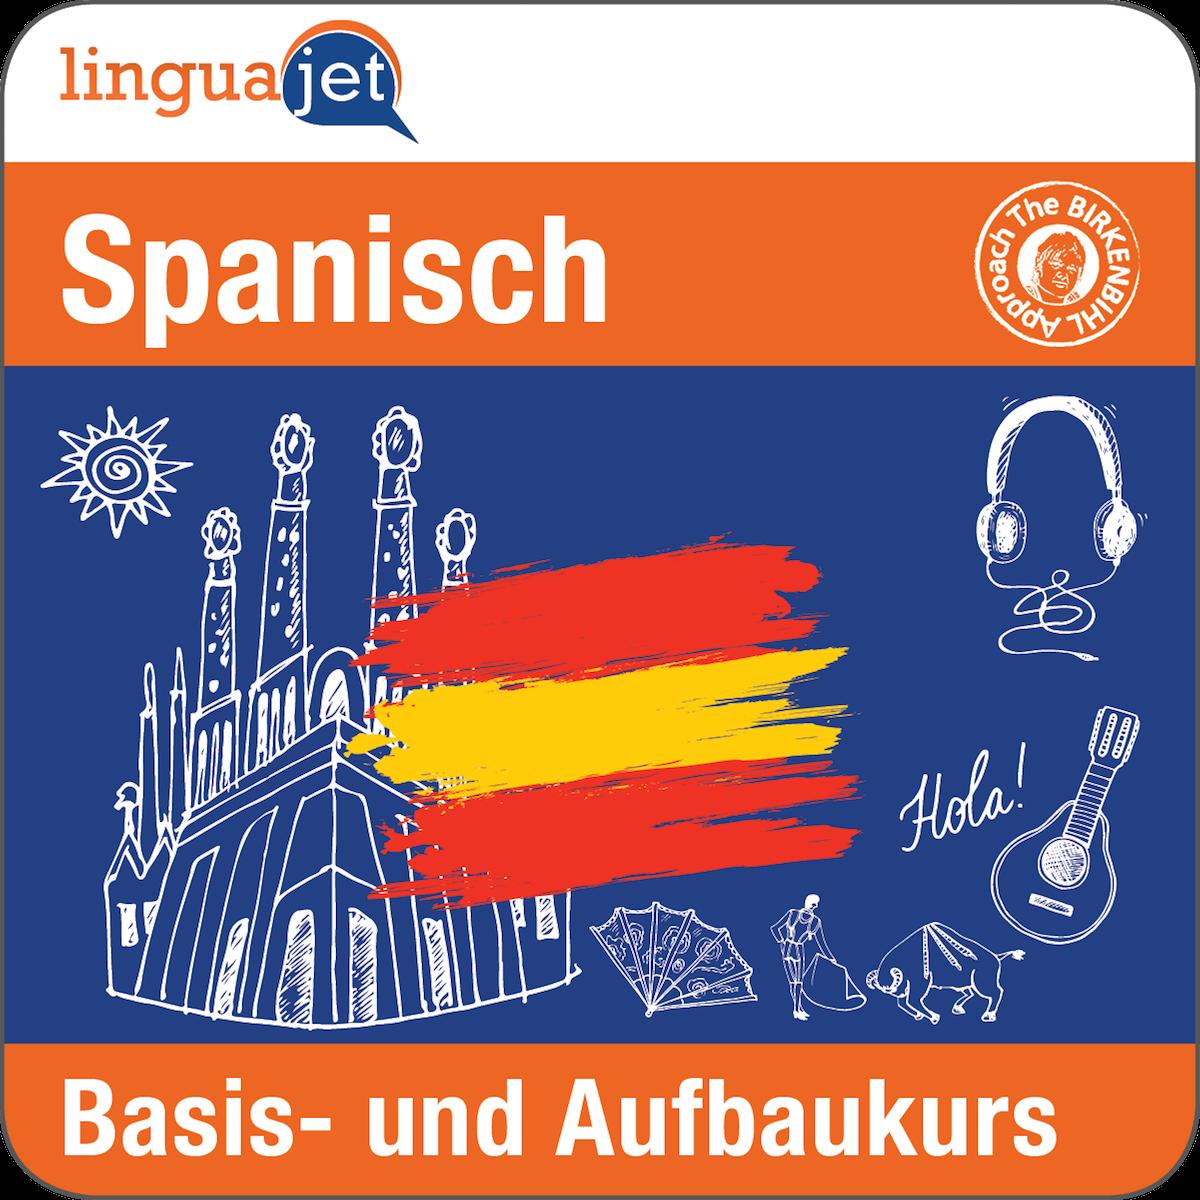 Mit der Kombination Basis und Aufbau beim online Spanischkurs sparen